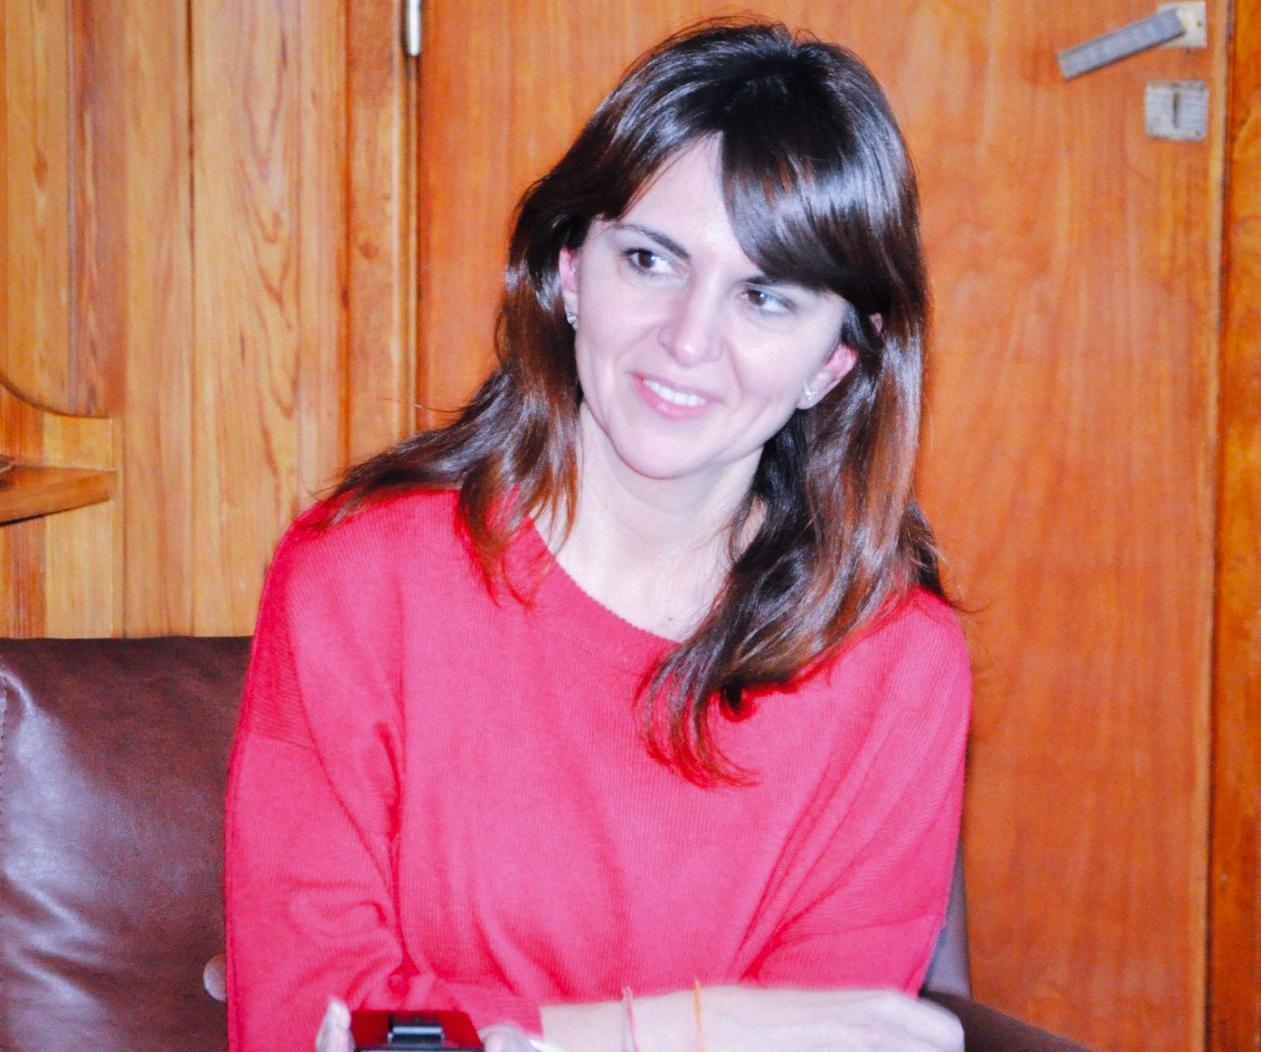 Silvina Córdoba confirmó días atrás a La Opinión Austral que fue designada como directora suplente en YPF, donde el cargo titular en representación de Santa Cruz lo ocupa Ignacio Perincioli.